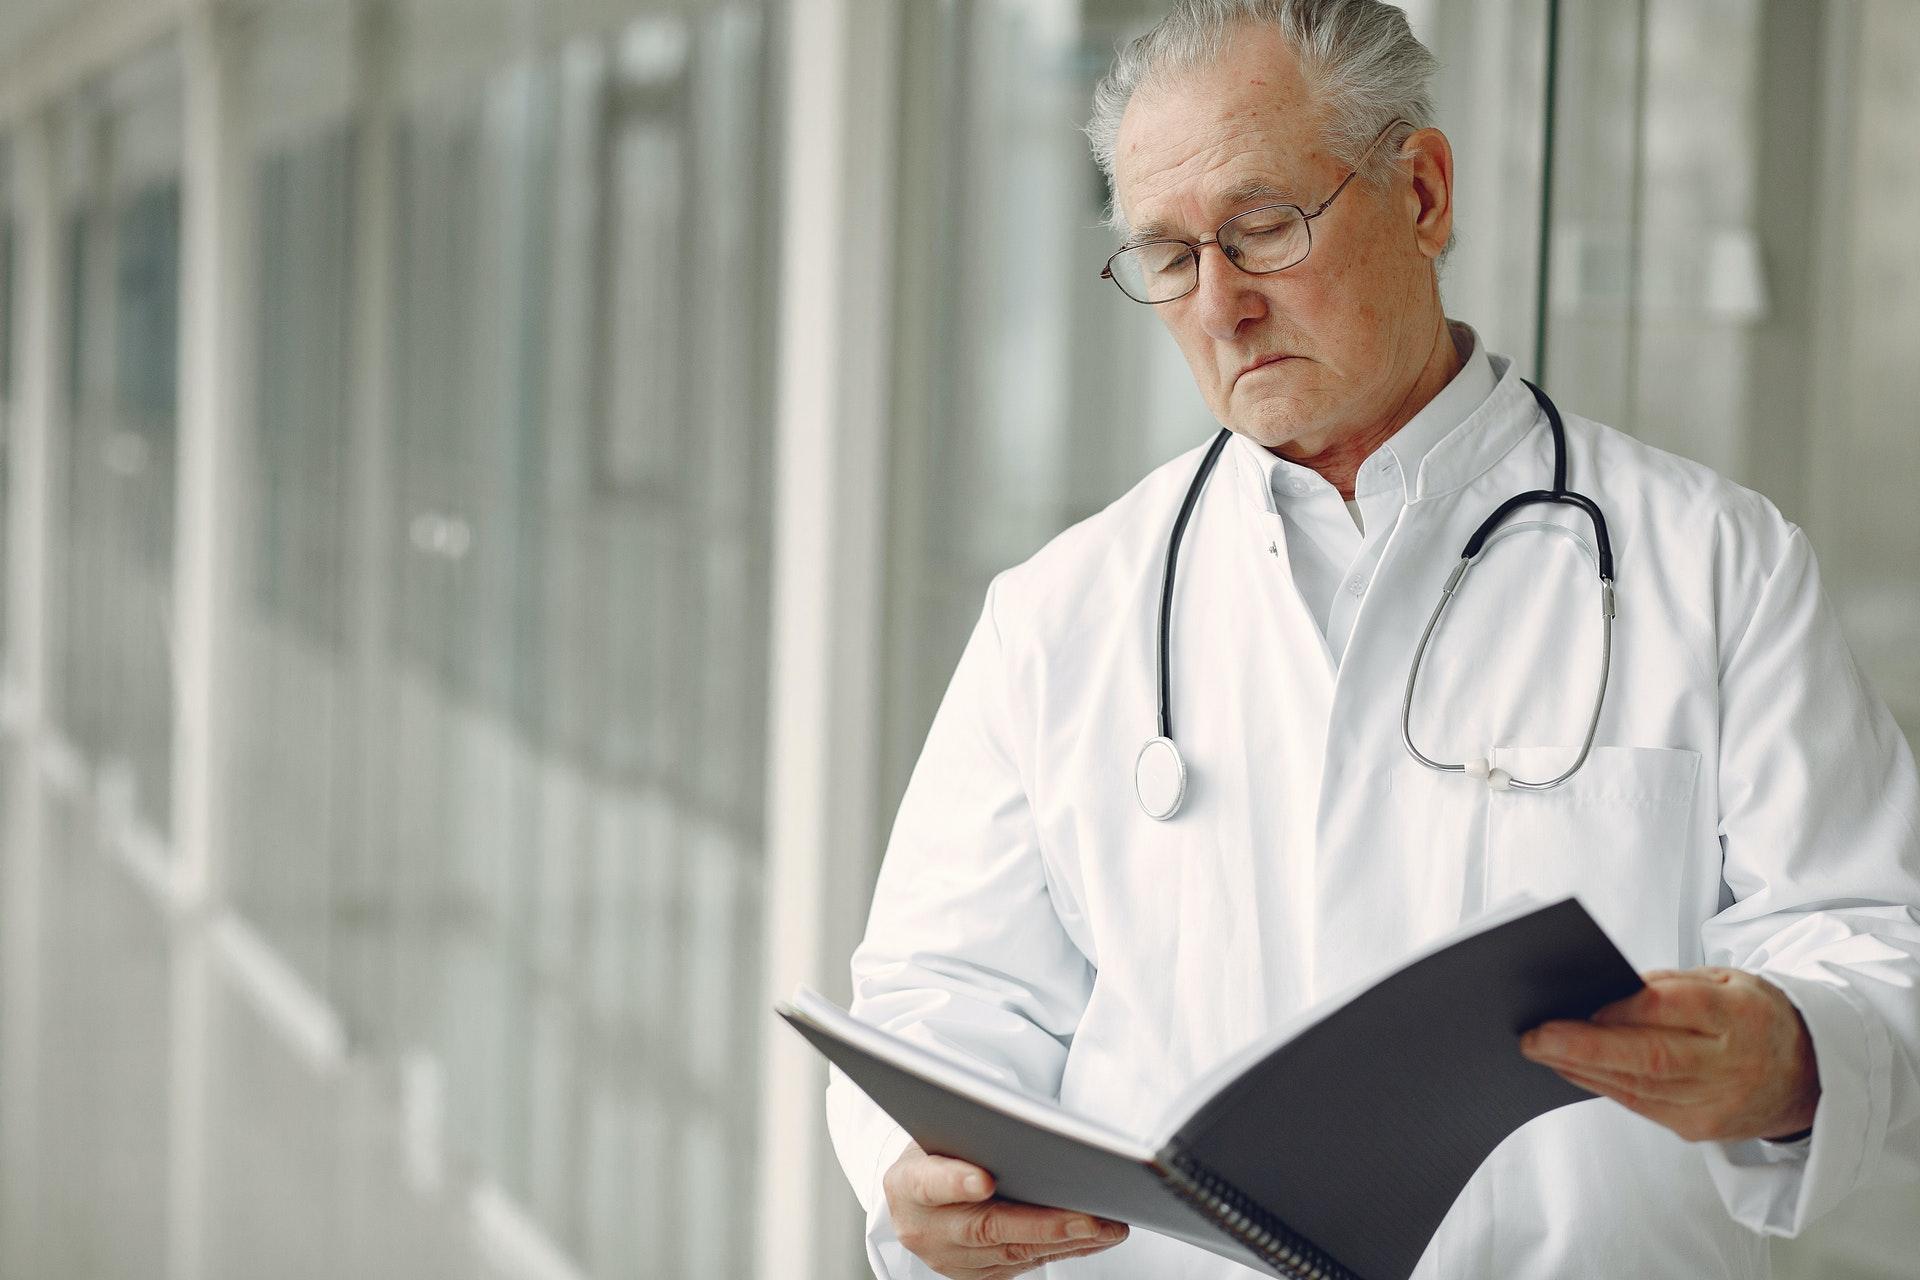 Мобильные телефоны помогают врачам в лечении пациентов с COVID-19